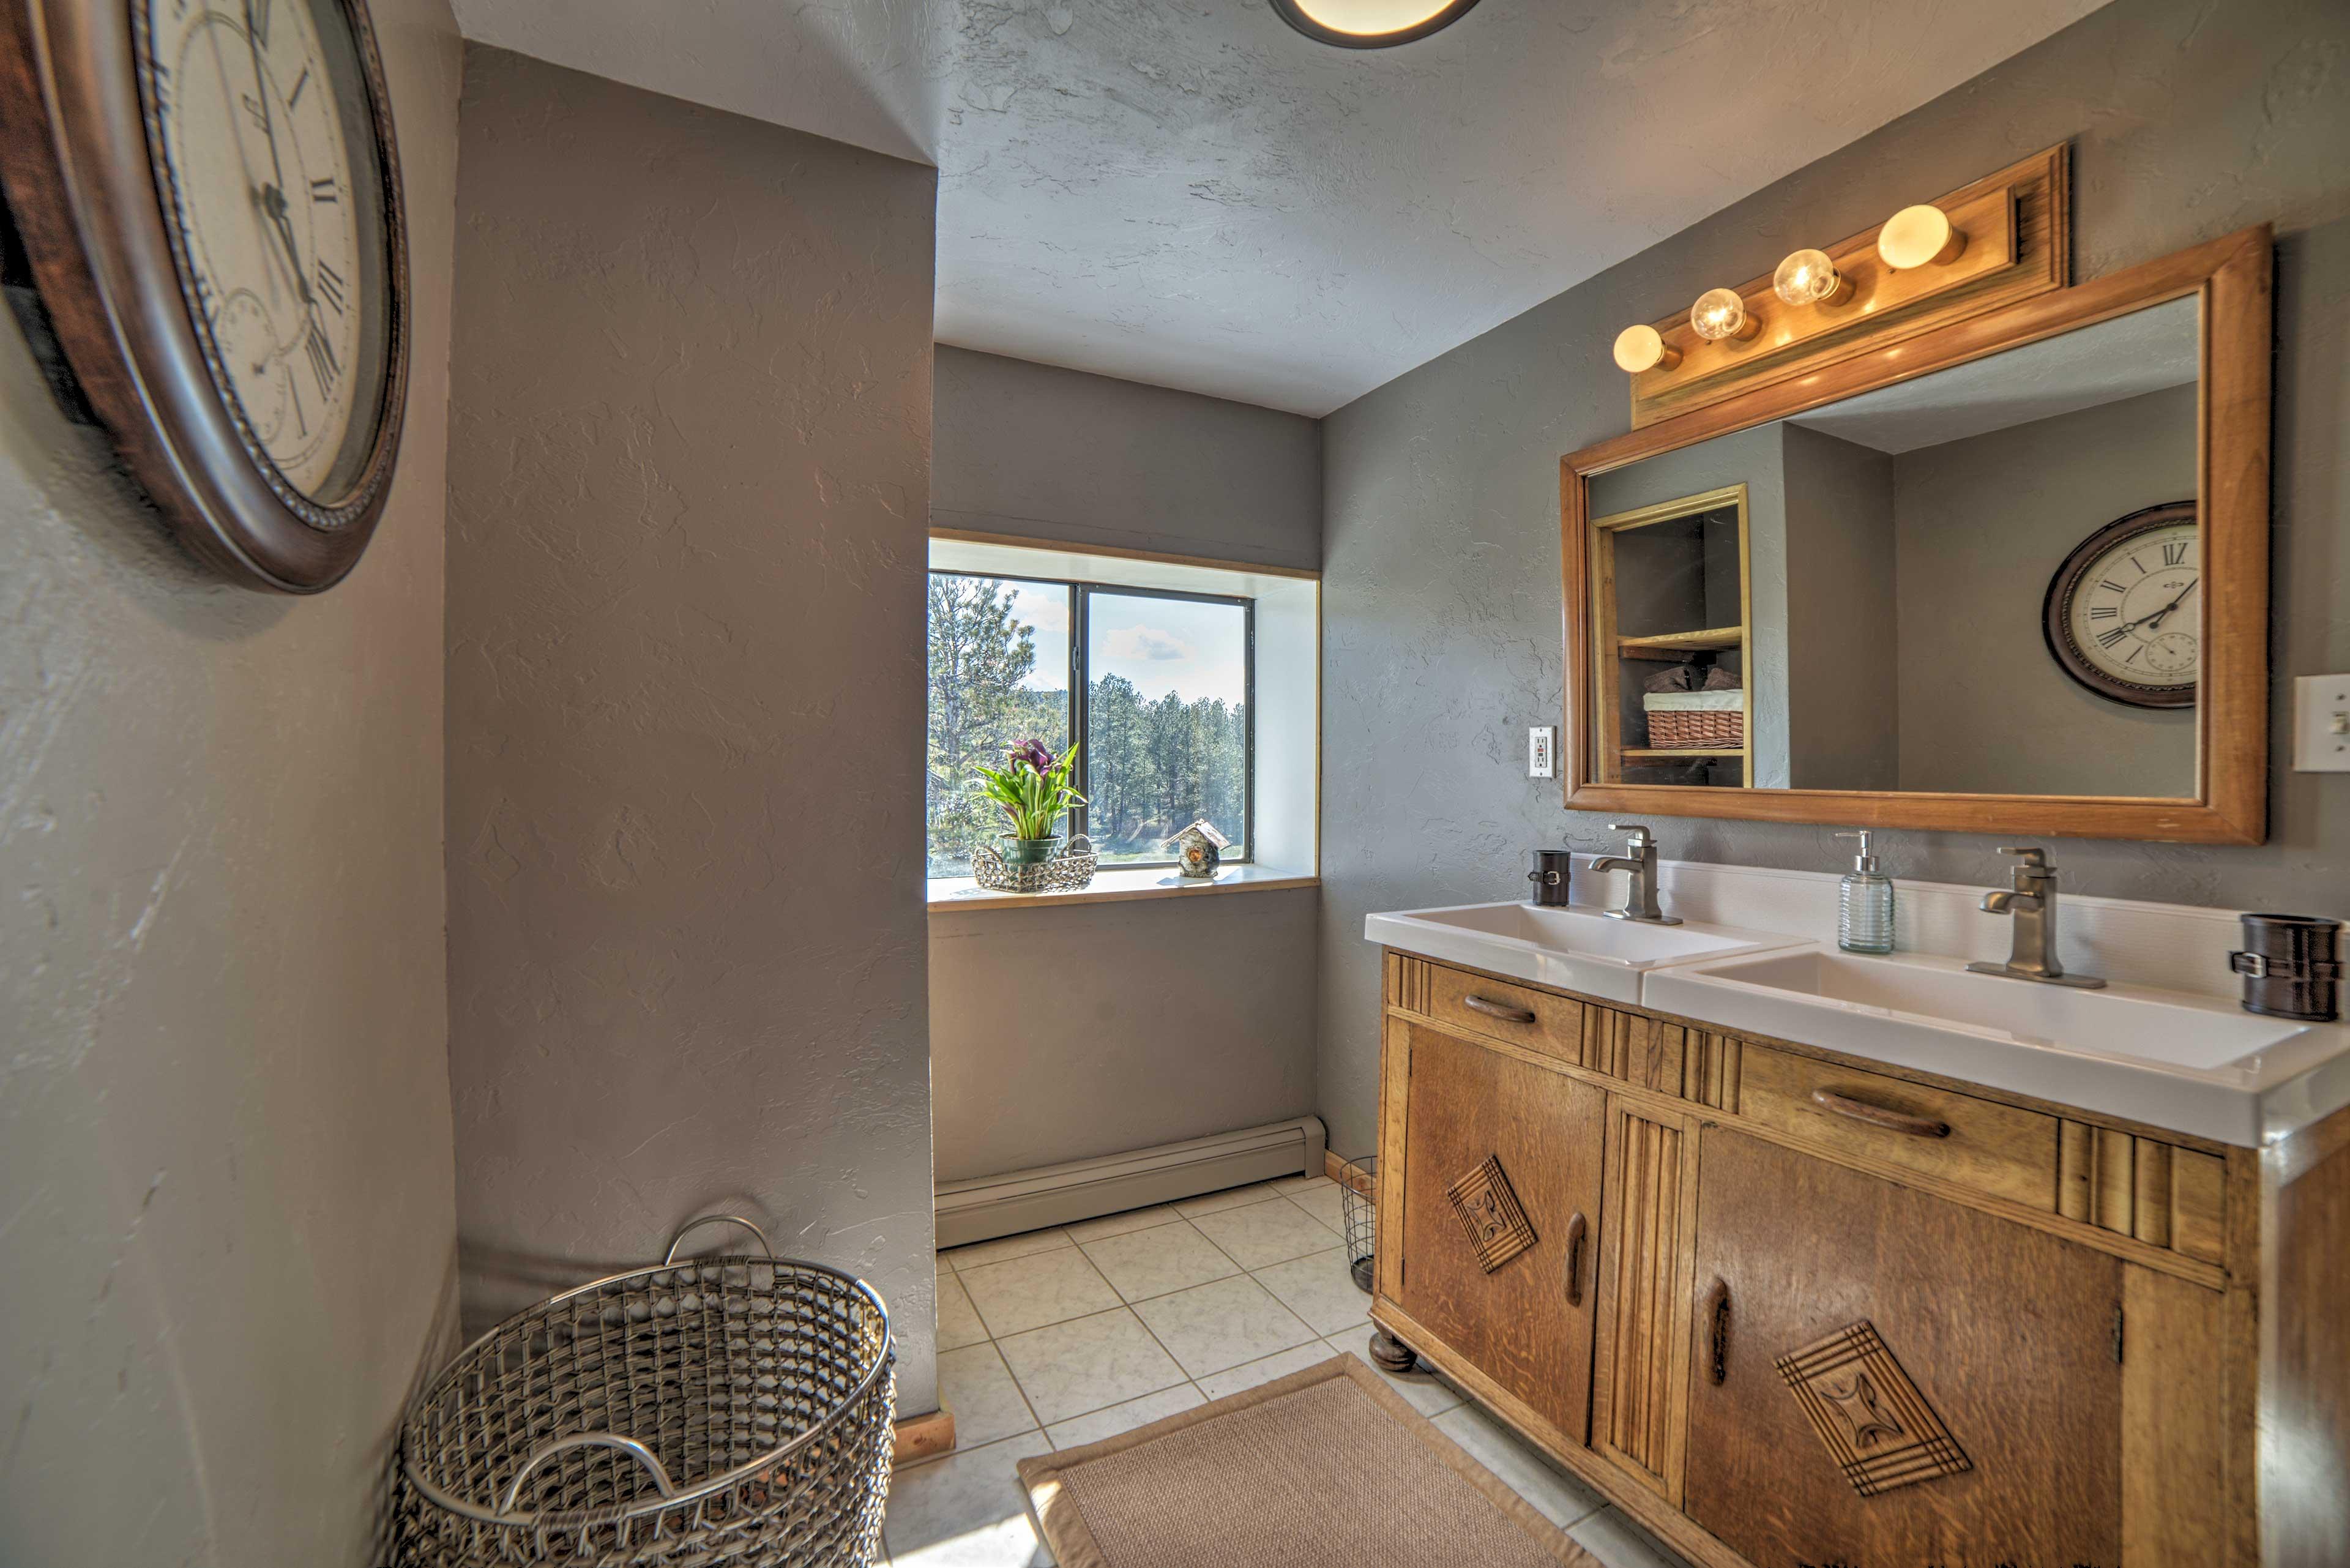 En-Suite Bathroom | Bedroom | Dual Sinks